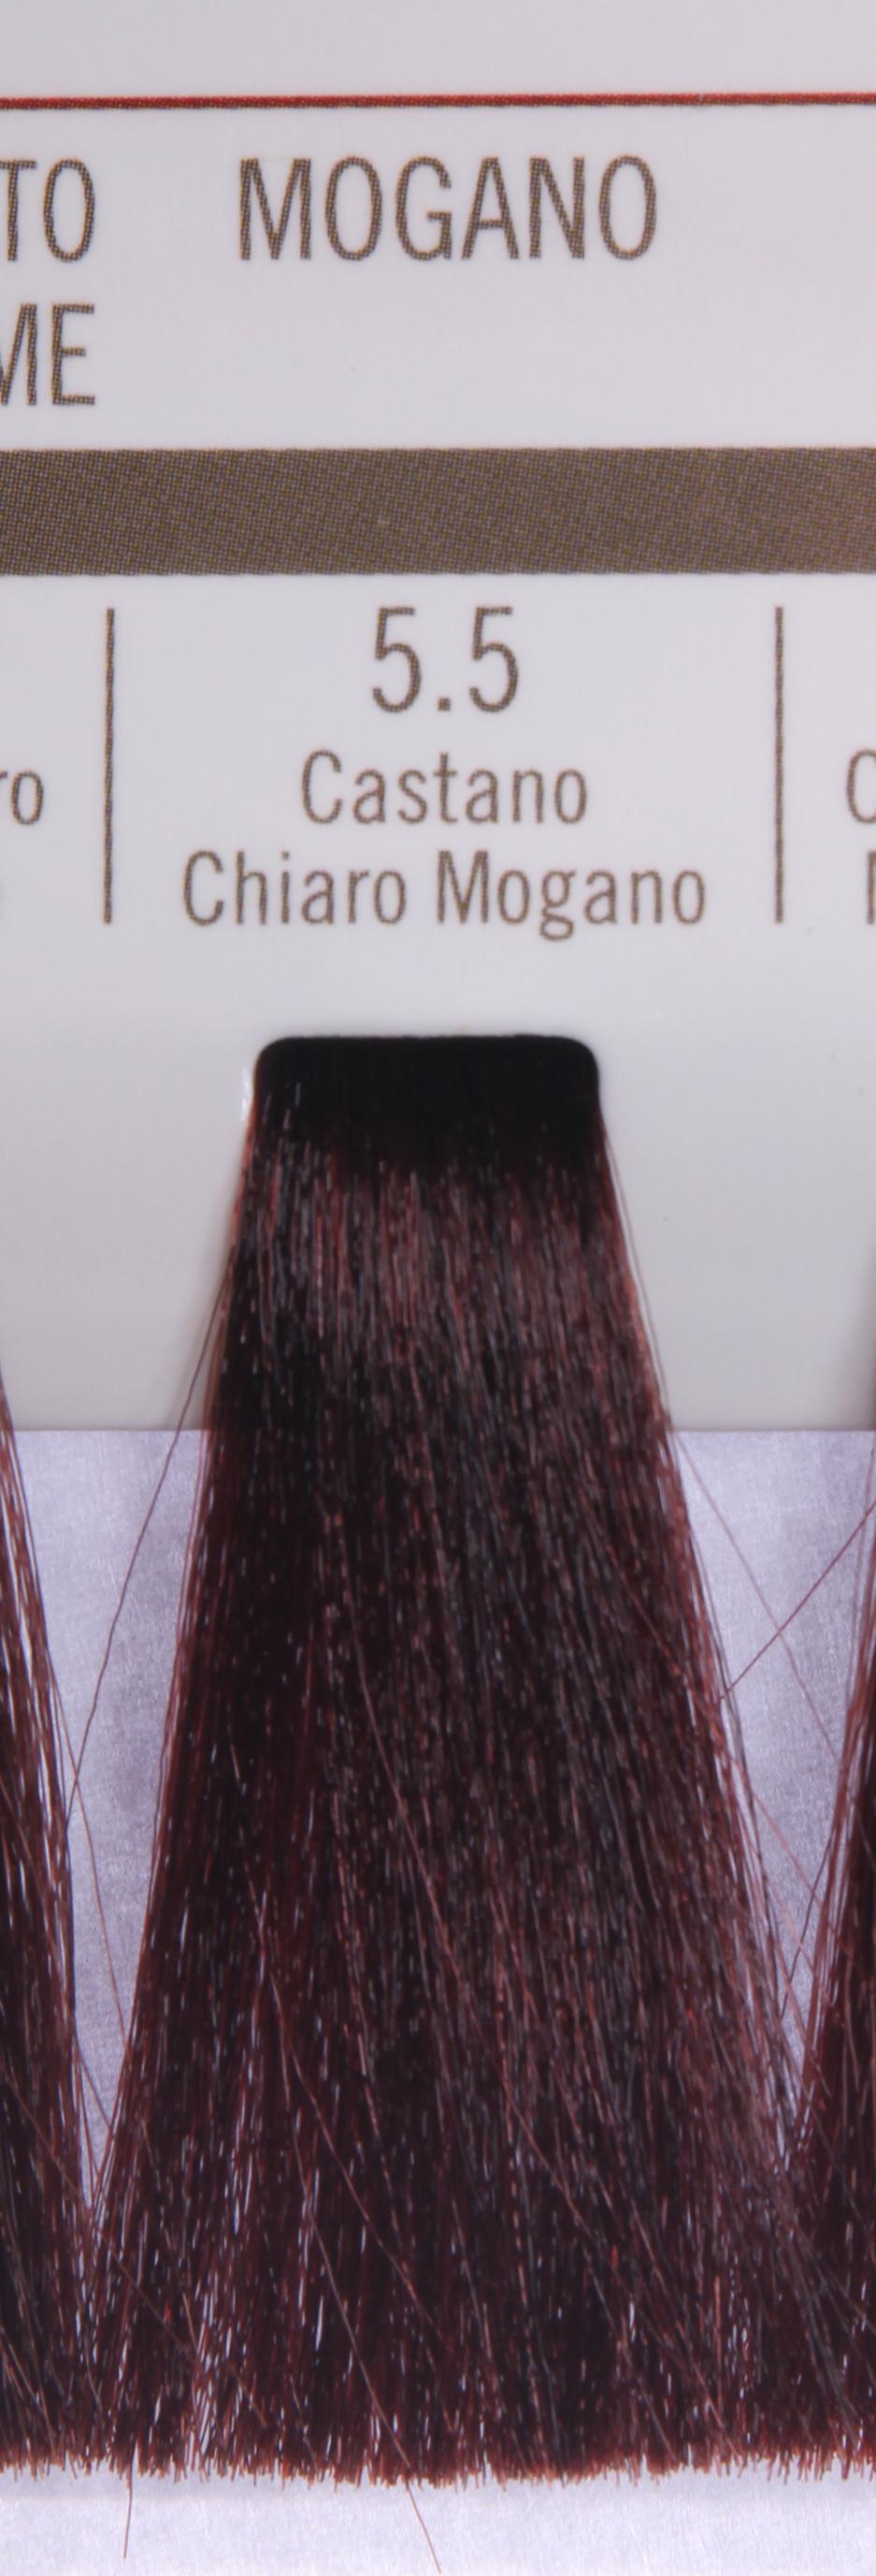 BAREX 5.5 краска для волос / PERMESSE 100млКраски<br>Оттенок: Светлый каштан махагоновый. Профессиональная крем-краска Permesse отличается низким содержанием аммиака - от 1 до 1,5%. Обеспечивает блестящий и натуральный косметический цвет, 100% покрытие седых волос, идеальное осветление, стойкость и насыщенность цвета до следующего окрашивания. Комплекс сертифицированных органических пептидов M4, входящих в состав, действует с момента нанесения, увлажняя волосы, придавая им прочность и защиту. Пептиды избирательно оседают в самых поврежденных участках волоса, восстанавливая и защищая их. Масло карите оказывает смягчающее и успокаивающее действие. Комплекс пептидов и масло карите стимулируют проникновение пигментов вглубь структуры волоса, придавая им здоровый вид, блеск и долговечность косметическому цвету. Активные ингредиенты:&amp;nbsp;Сертифицированные органические пептиды М4 - пептиды овса, бразильского ореха, сои и пшеницы, объединенные в полифункциональный комплекс, придающий прочность окрашенным волосам, увлажняющий и защищающий их. Сертифицированное органическое масло карите (масло ши) - богато жирными кислотами, экстрагируется из ореха африканского дерева карите. Оказывает смягчающий и целебный эффект на кожу и волосы, широко применяется в косметической индустрии. Масло карите защищает волосы от неблагоприятного воздействия внешней среды, интенсивно увлажняет кожу и волосы, т.к. обладает высокой степенью абсорбции, не забивает поры. Способ применения:&amp;nbsp;Крем-краска готовится в смеси с Молочком-оксигентом Permesse 10/20/30/40 объемов в соотношении 1:1 (например, 50 мл крем-краски + 50 мл молочка-оксигента). Молочко-оксигент работает в сочетании с крем-краской и гарантирует идеальное проявление краски. Тюбик крем-краски Permesse содержит 100 мл продукта, количество, достаточное для 2 полных нанесений. Всегда надевайте подходящие специальные перчатки перед подготовкой и нанесением краски. Подготавливайте смесь крем-краски и молочка-оксигента Permesse в н